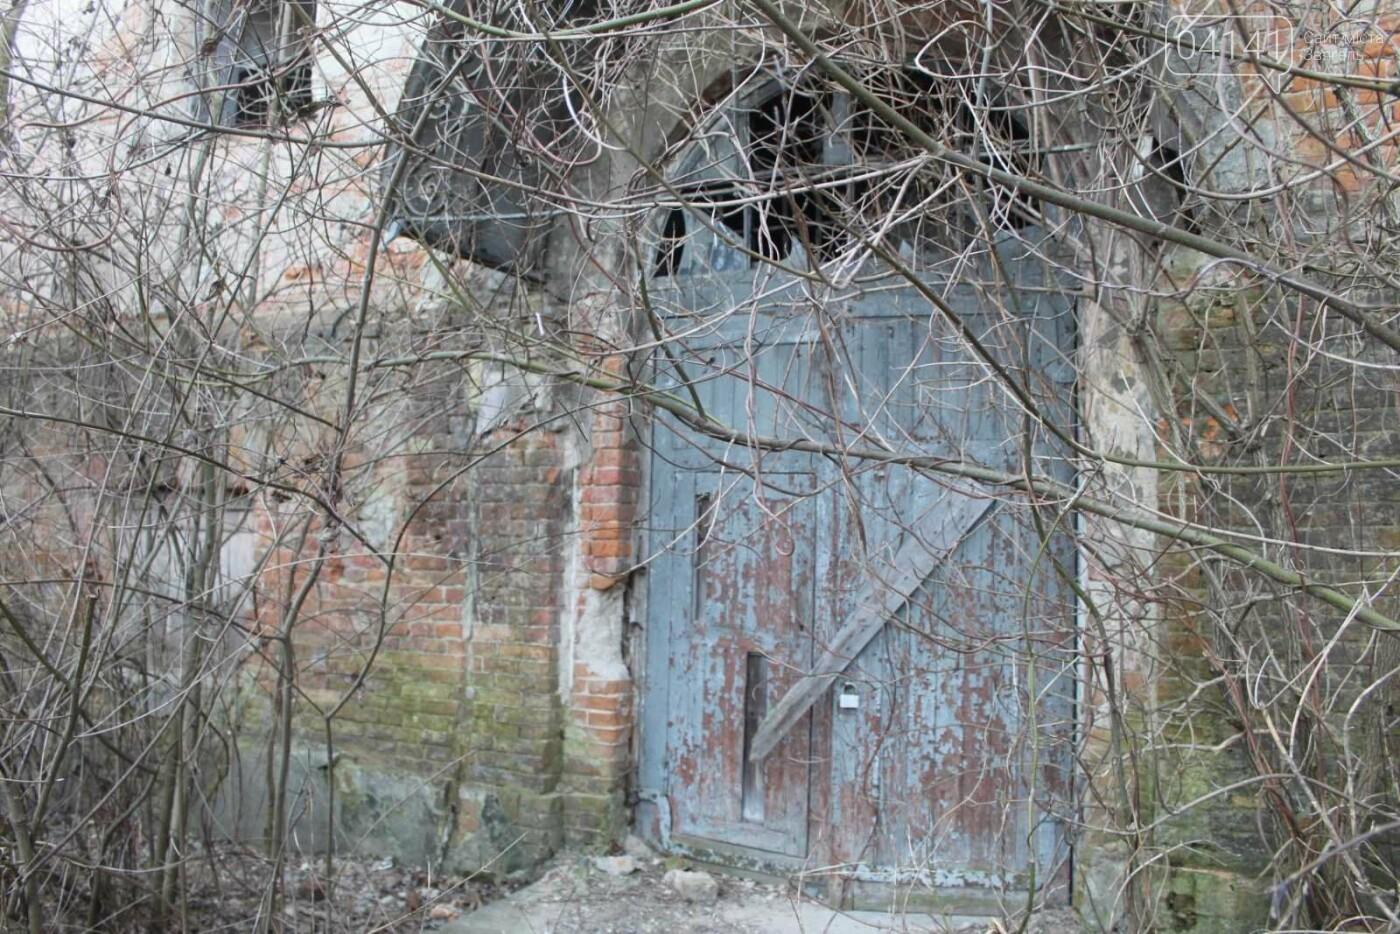 Вітер гуляє: Як сьогодні виглядає найстаріша будівля Новограда-Волинського (ФОТОРЕПОРТАЖ), фото-19